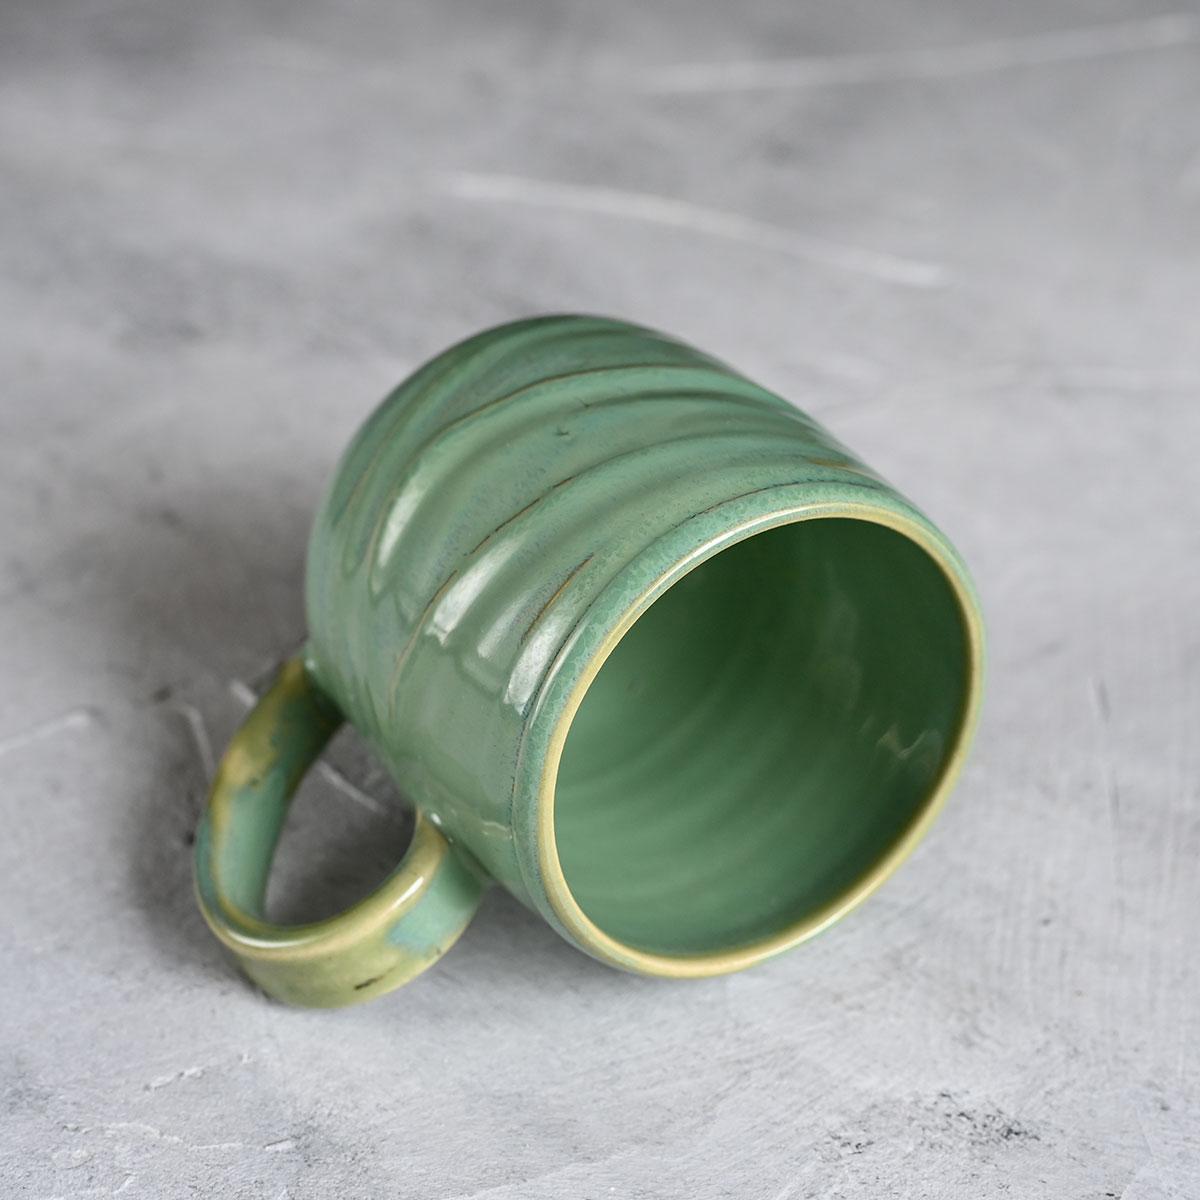 картинка Керамическая кружка Александры Золотаревой 6 - DishWishes.Ru